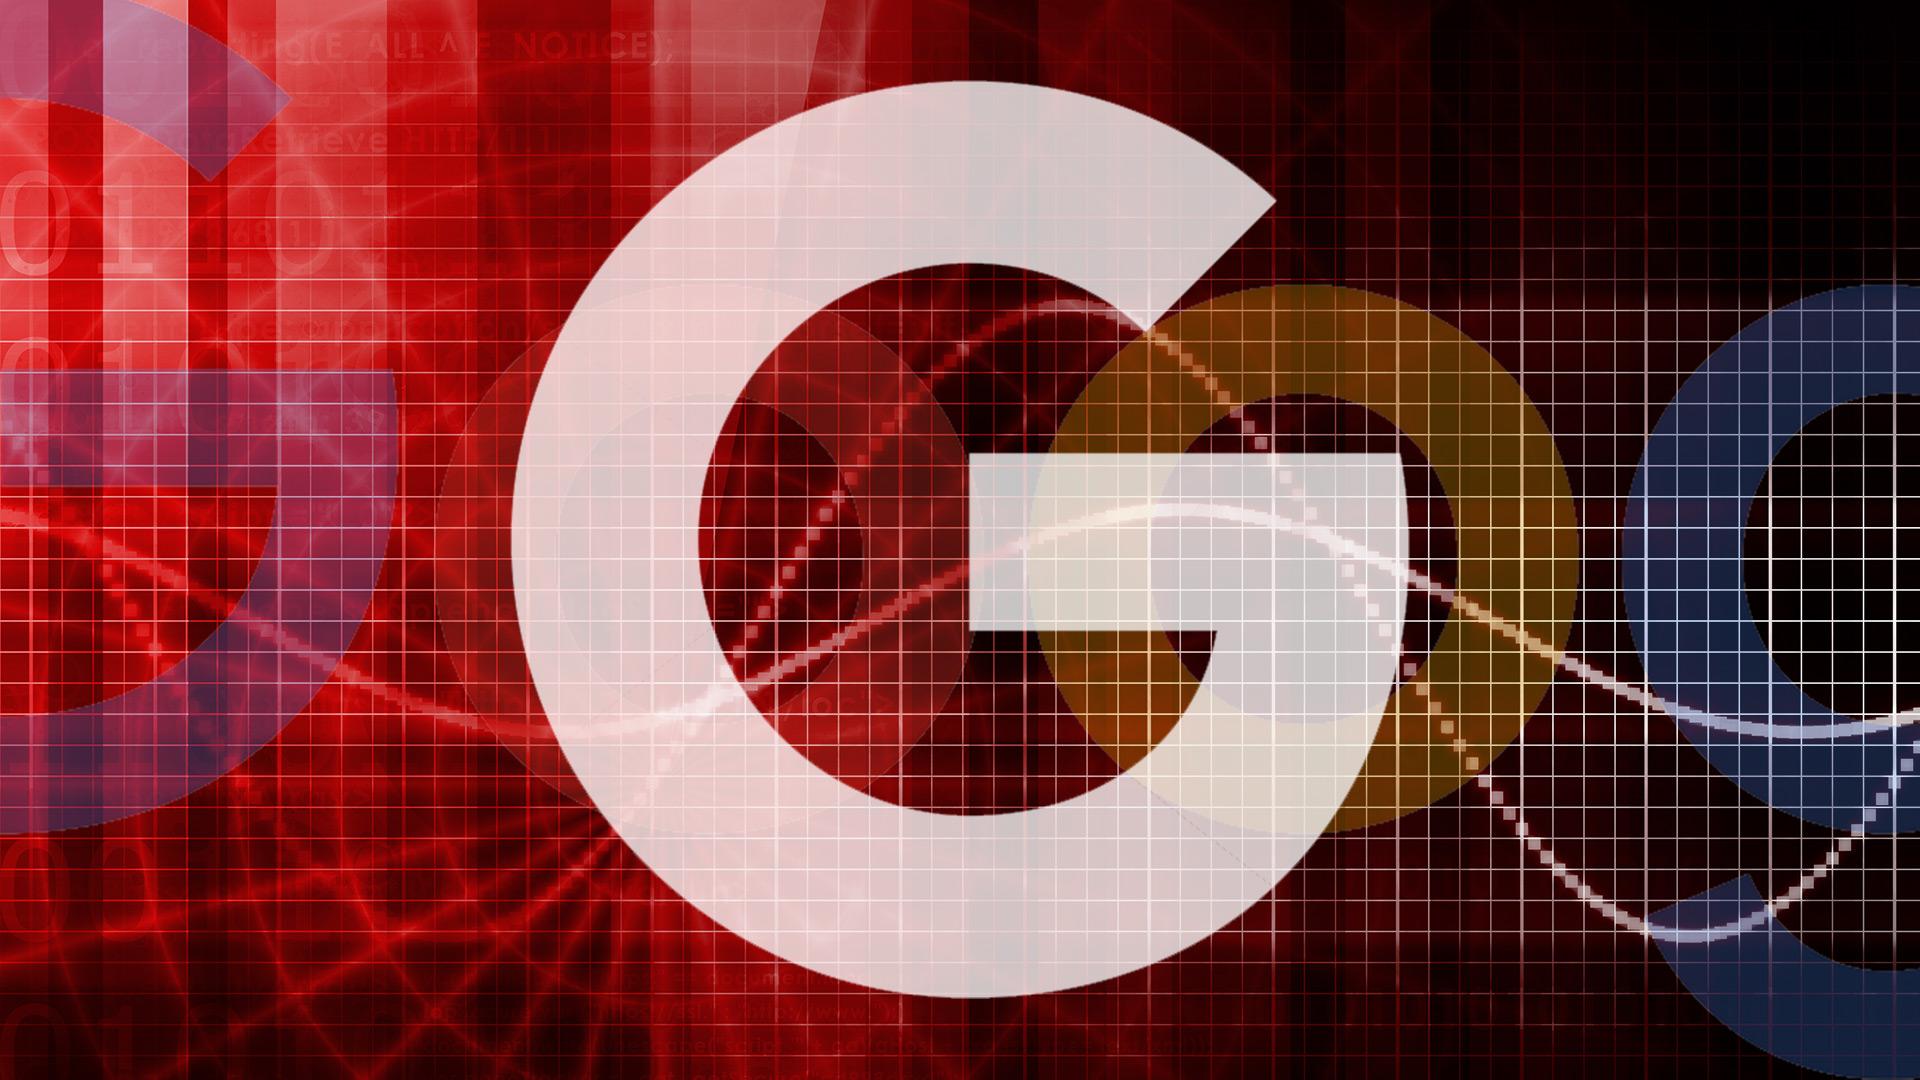 Thuật toán Local SEO của Google sẽ làm việc như thế nào vào năm 2016?